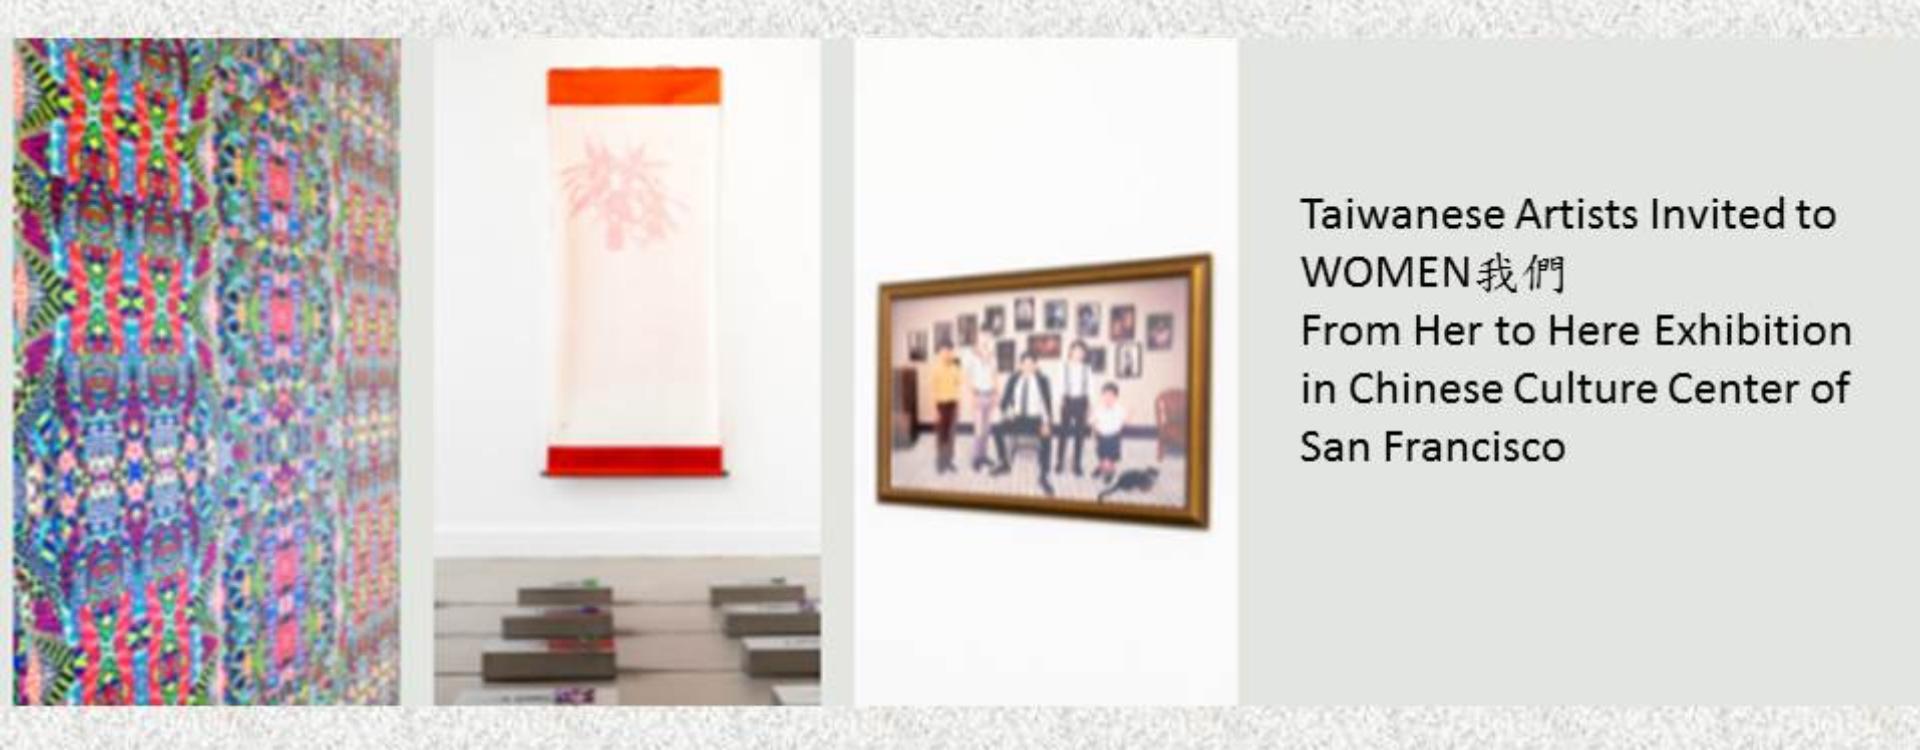 台灣藝術家獲邀參加舊金山中華文化中心 「WOMEN我們: From Her to Here」展覽及系列活動「另開新視窗」